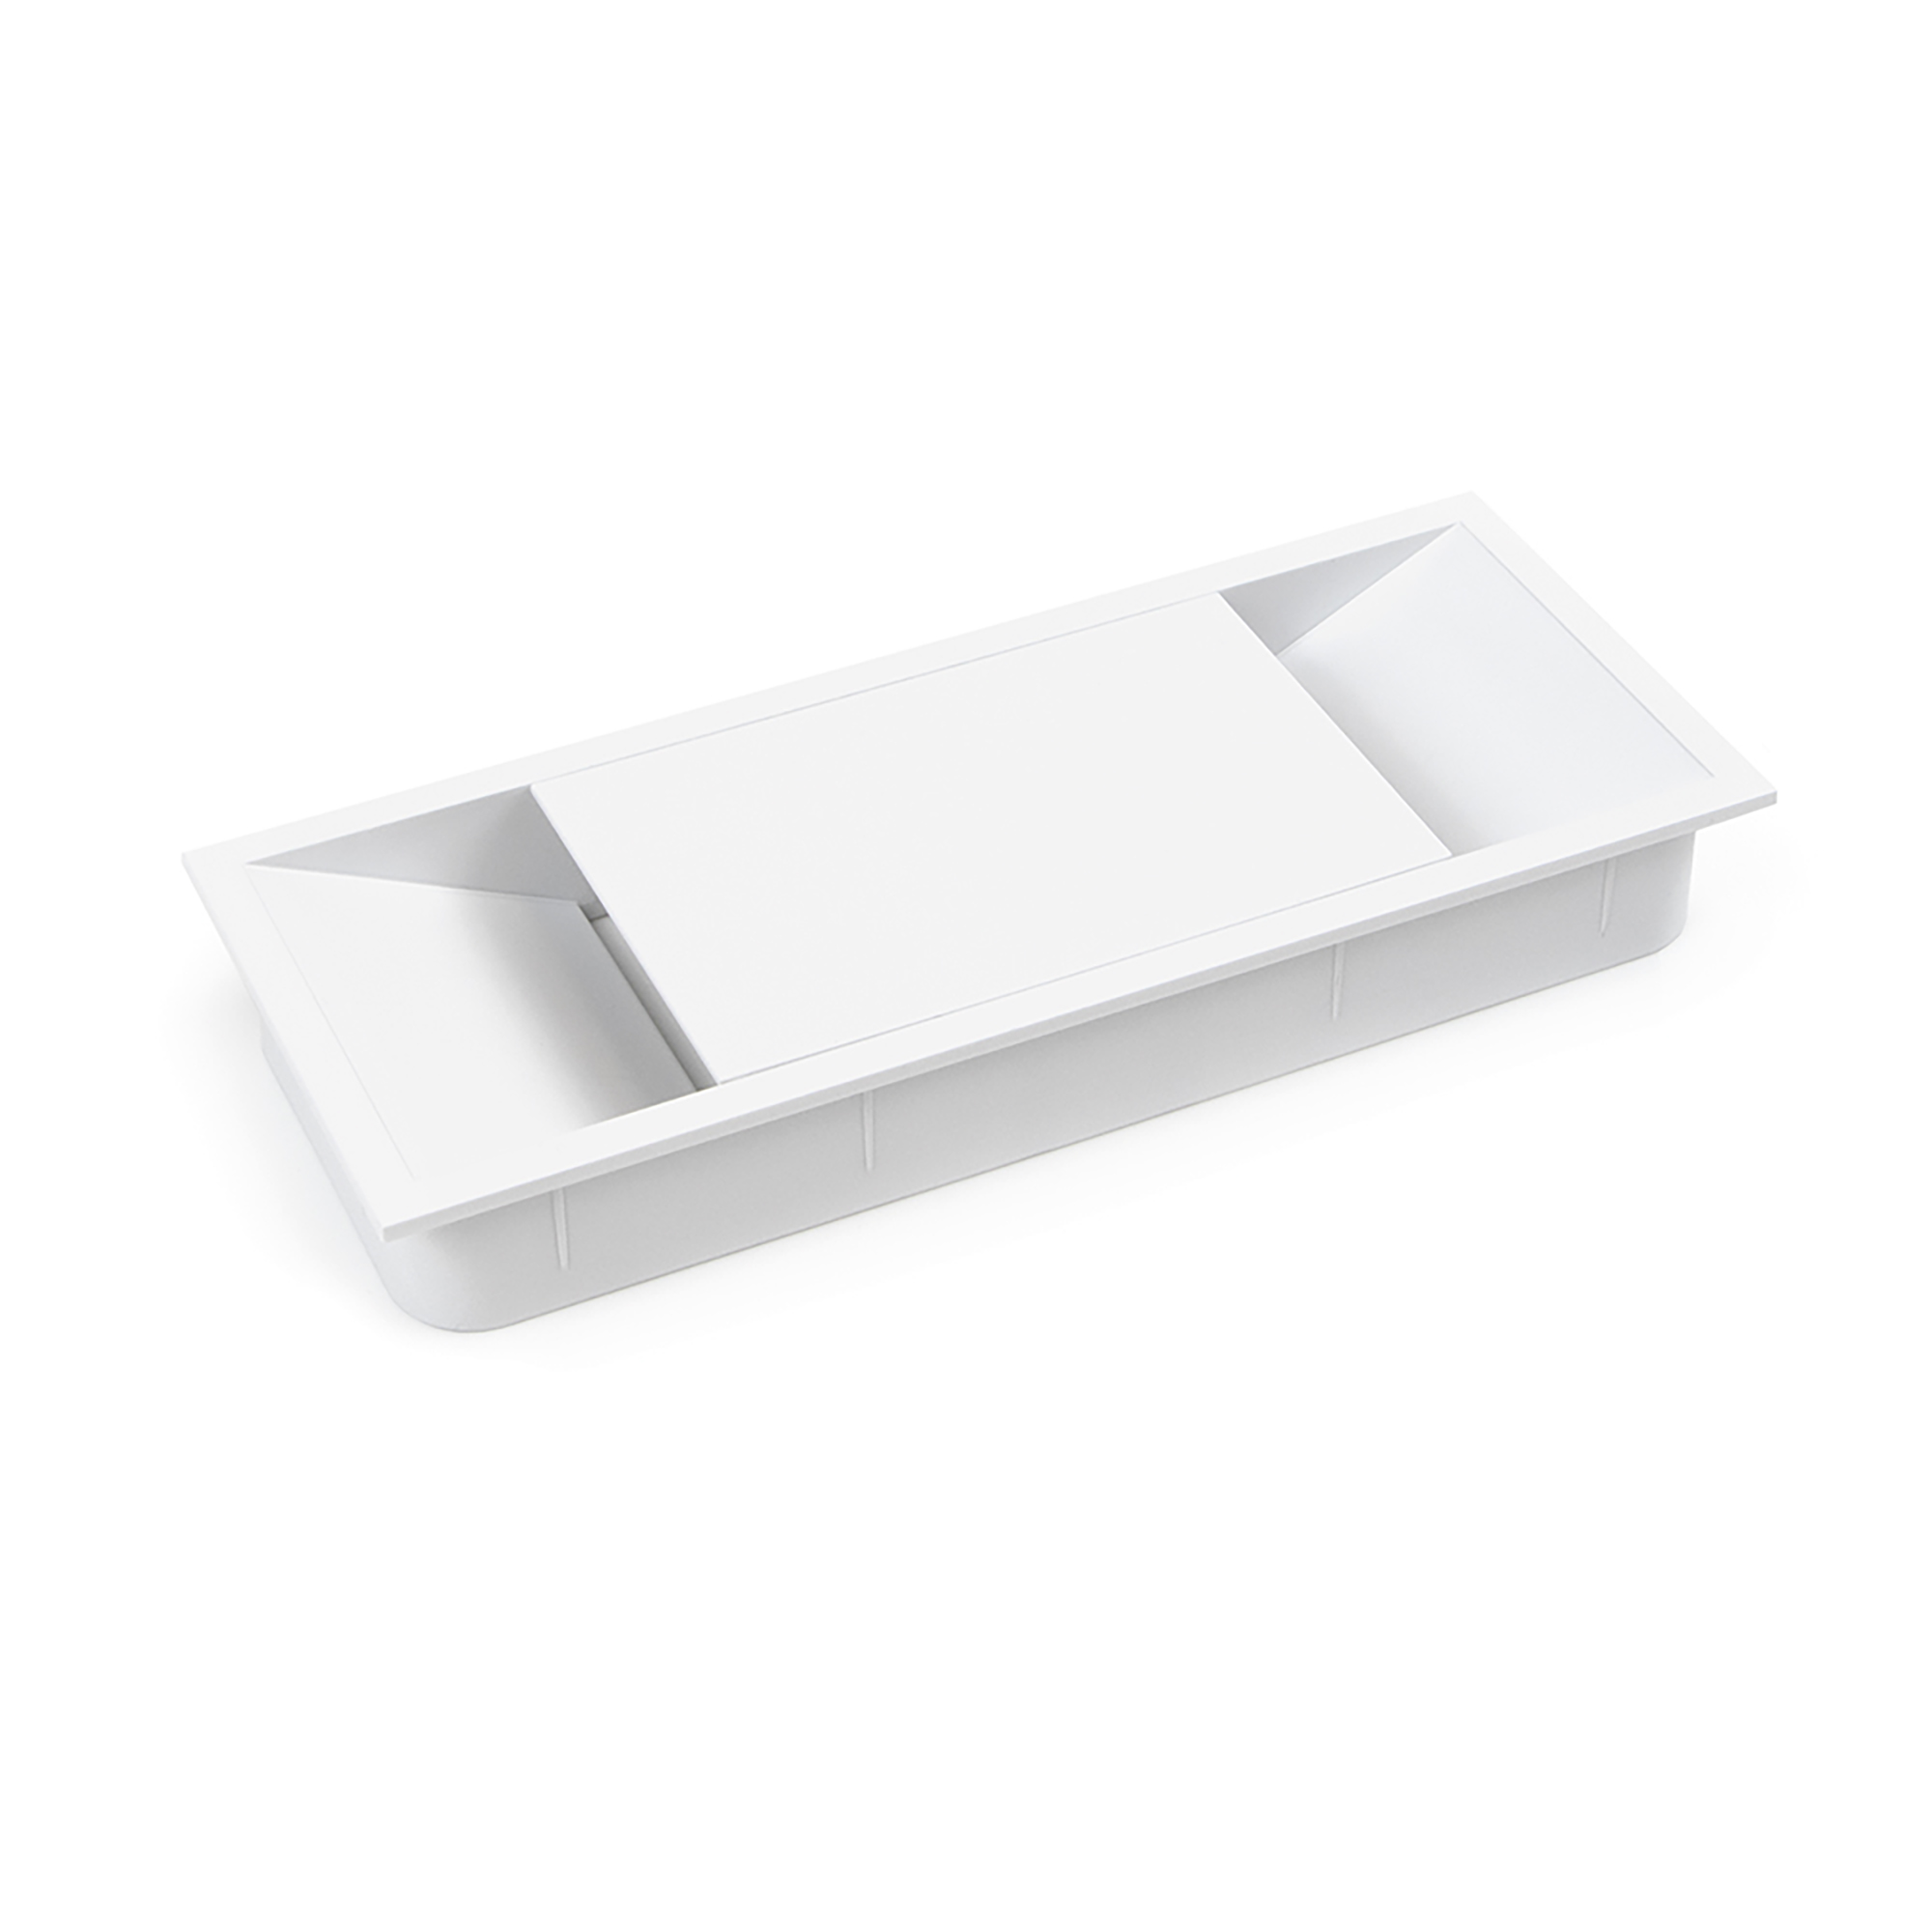 Emuca Passacavi da tavolo, rettangolare, 152 x 61 mm, da incasso, Plastica, Bianco